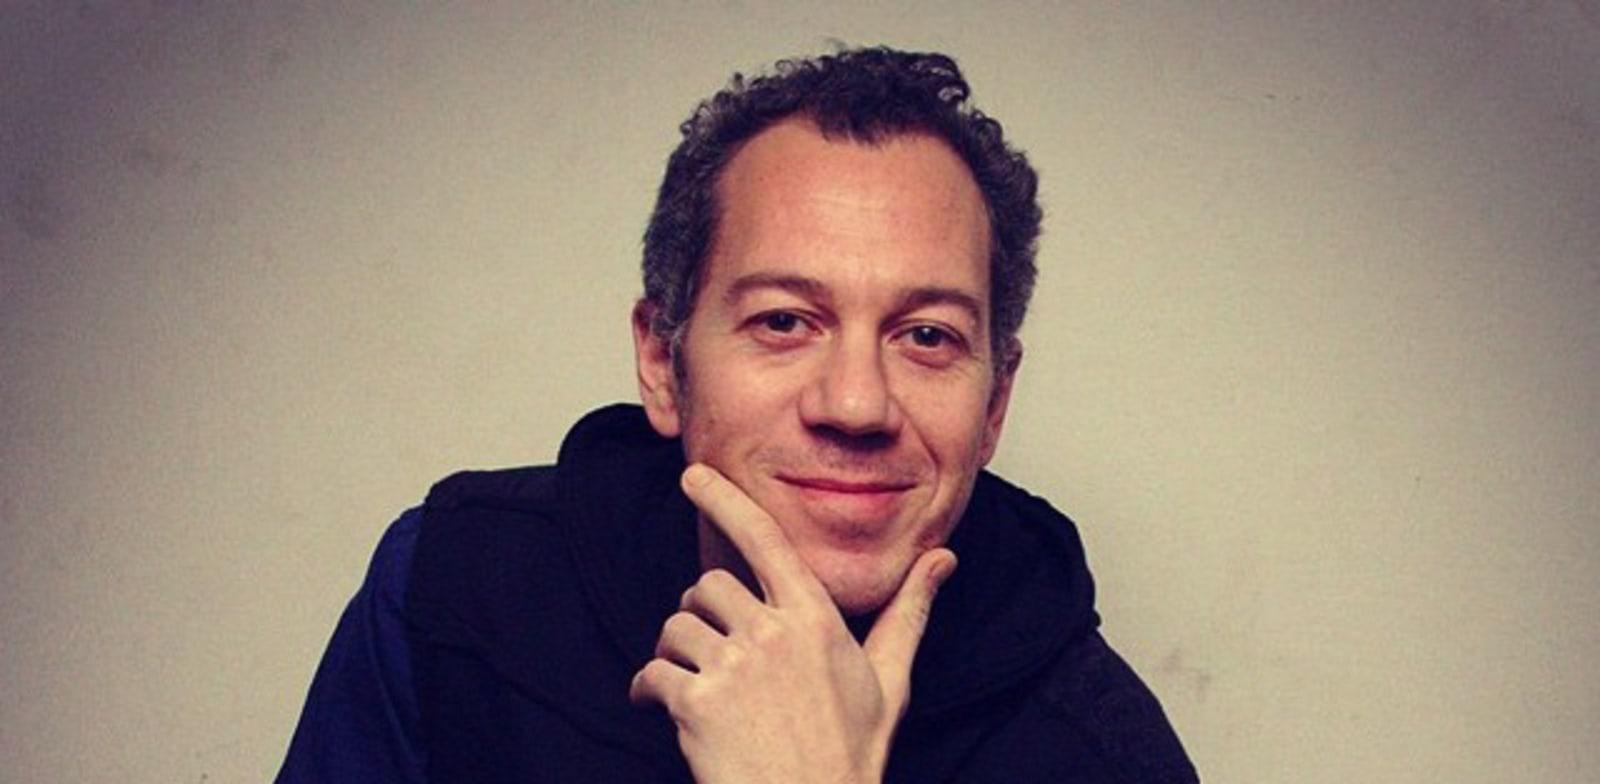 קובי בן עזרא, מורה לפסנתר וגיטרה, מוזיקאי ומרצה / צילום: גל ניב